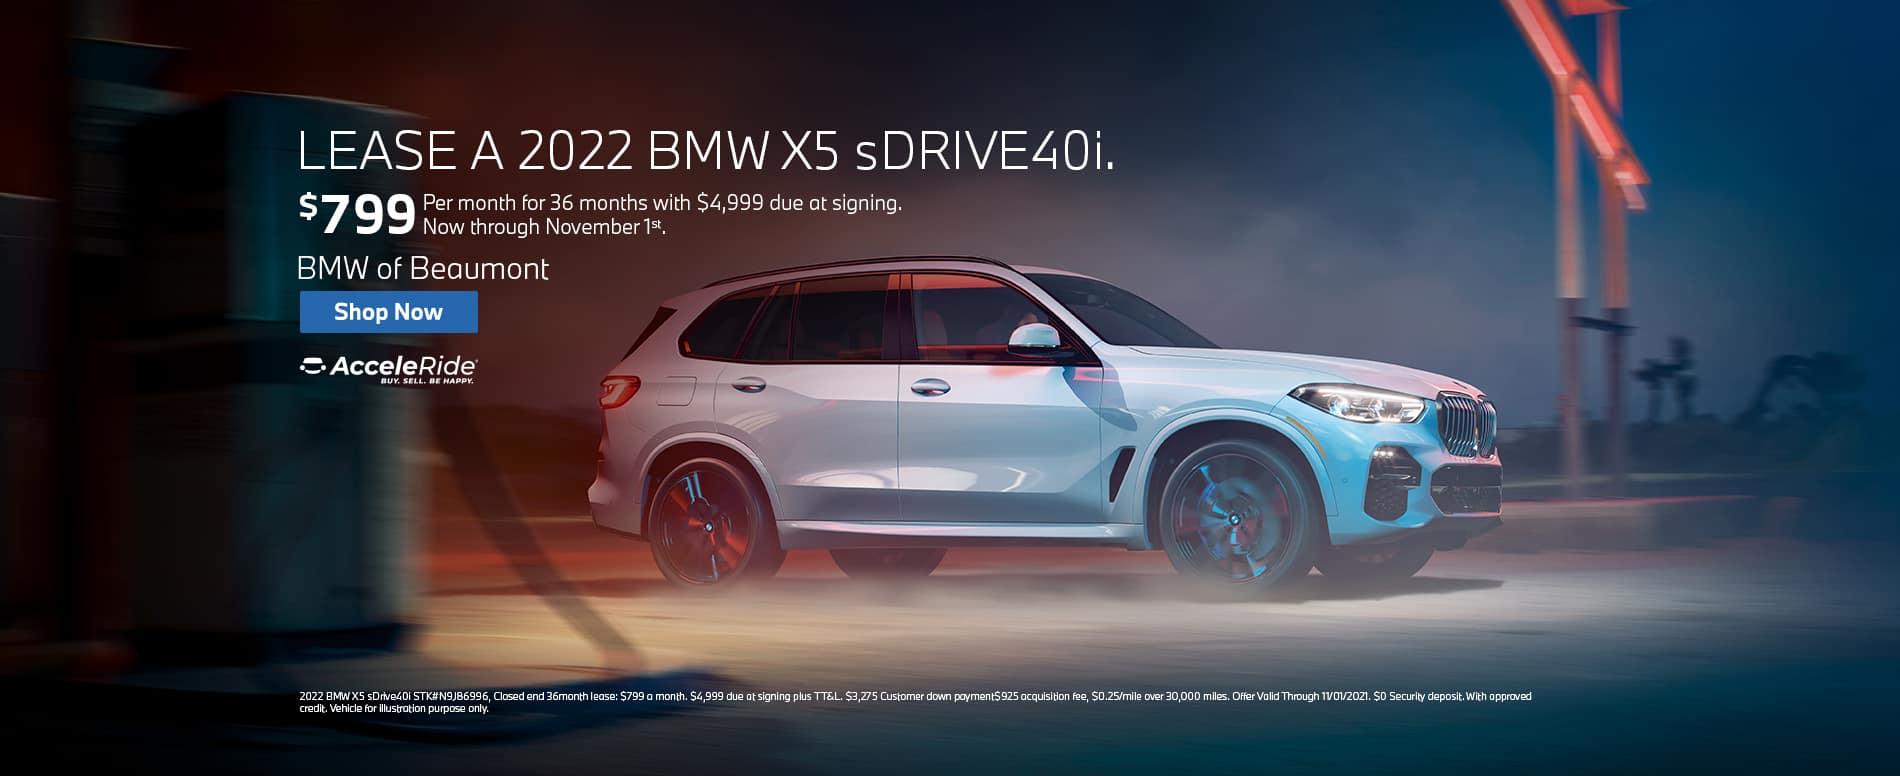 21OCT_BMWB_22X5_WB_1900x776